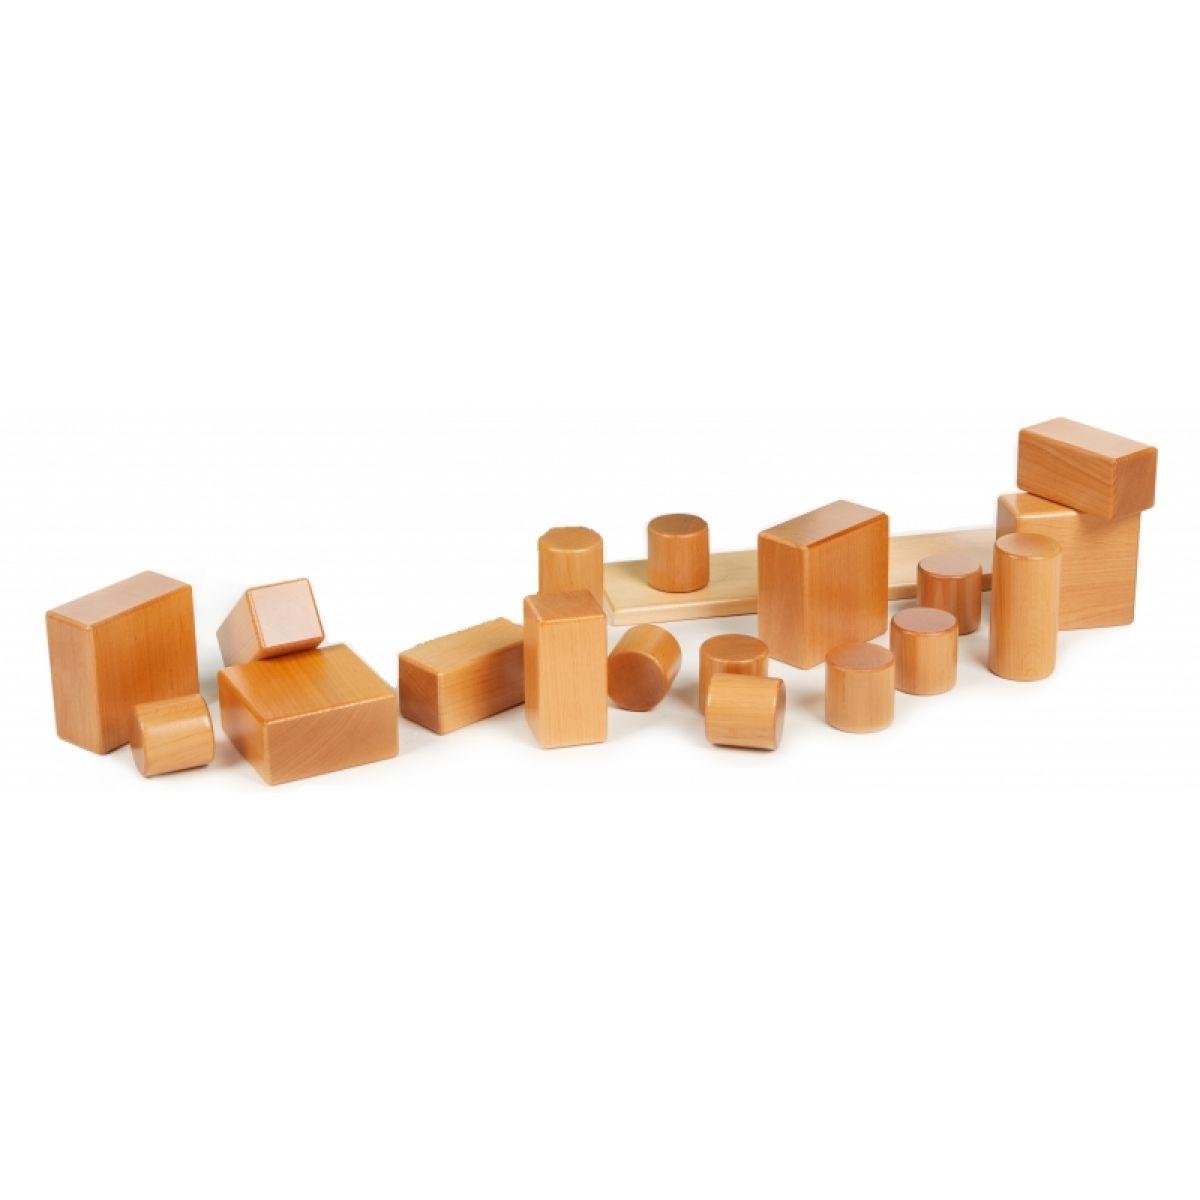 PONY Základní sada přírodních dřevěných kostek